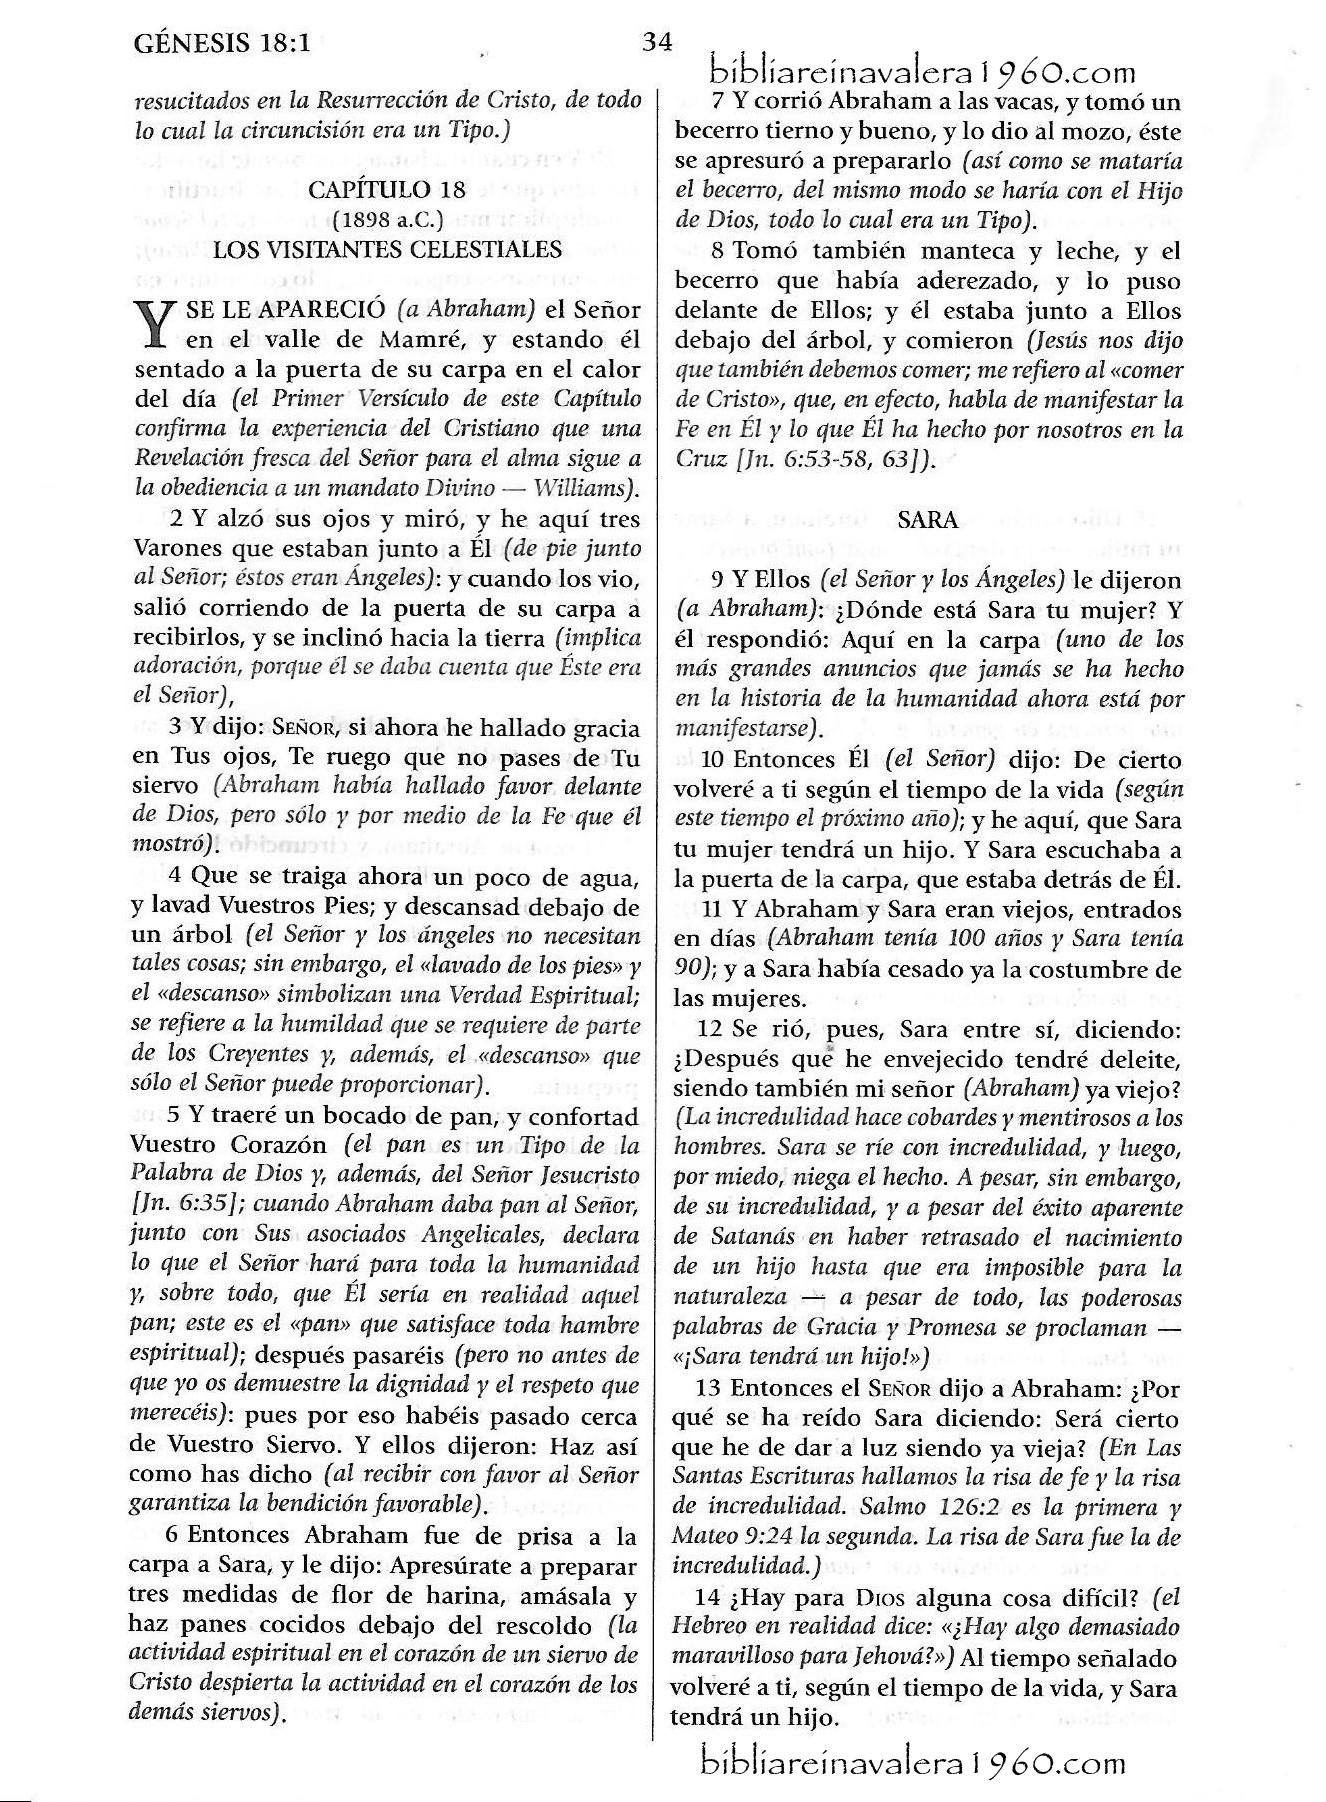 genesis 17 Genesis 17 explicacion 34